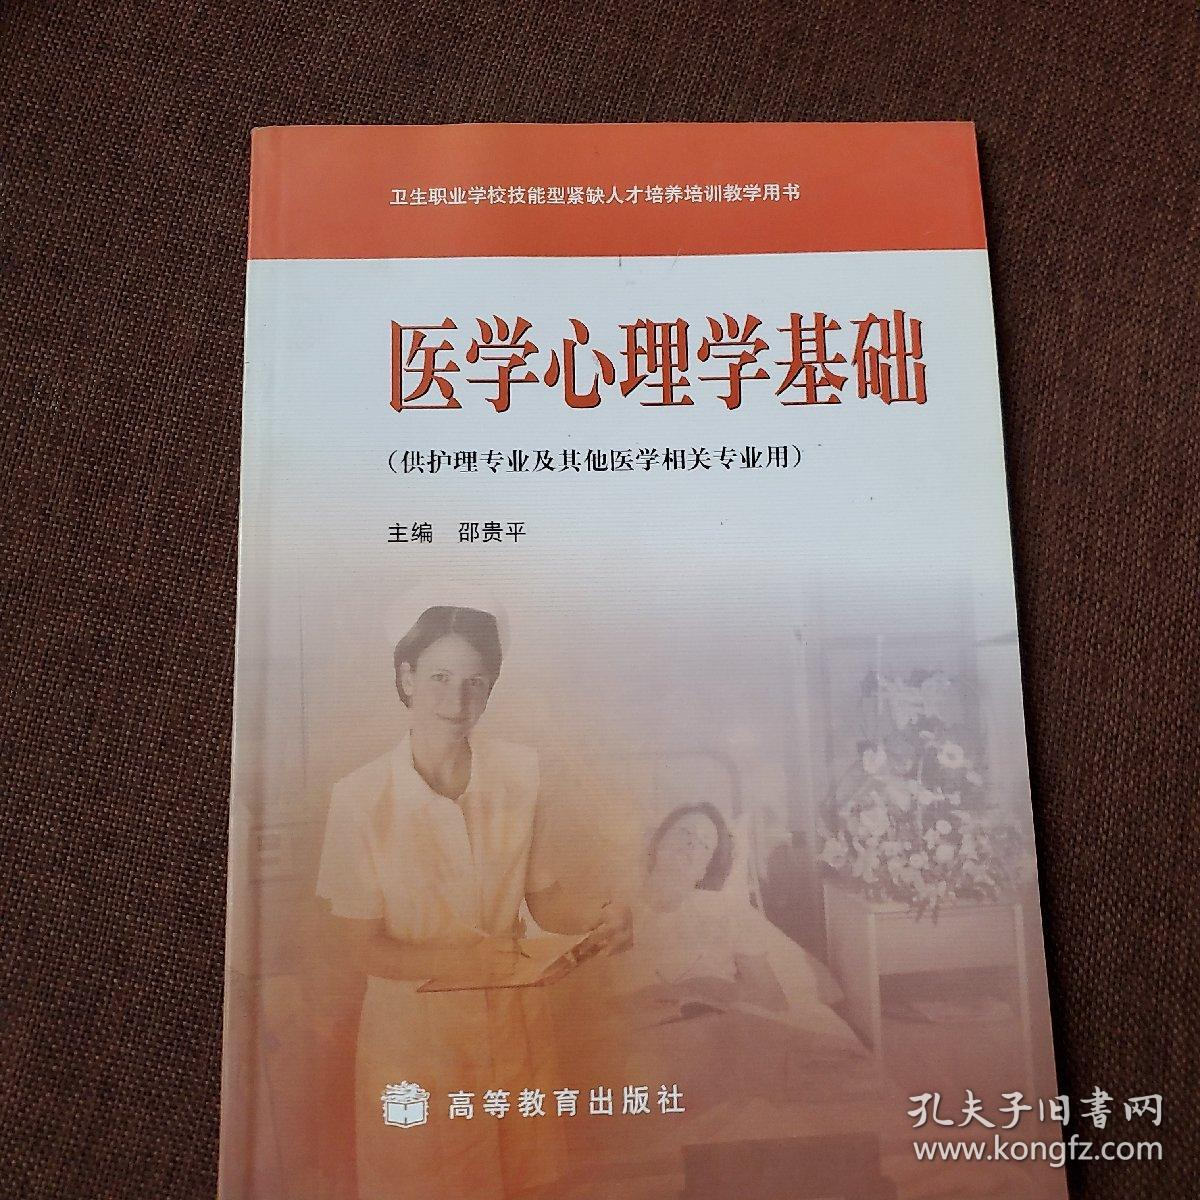 医学心理学基础(供护理专业及其他医学相关专业用)